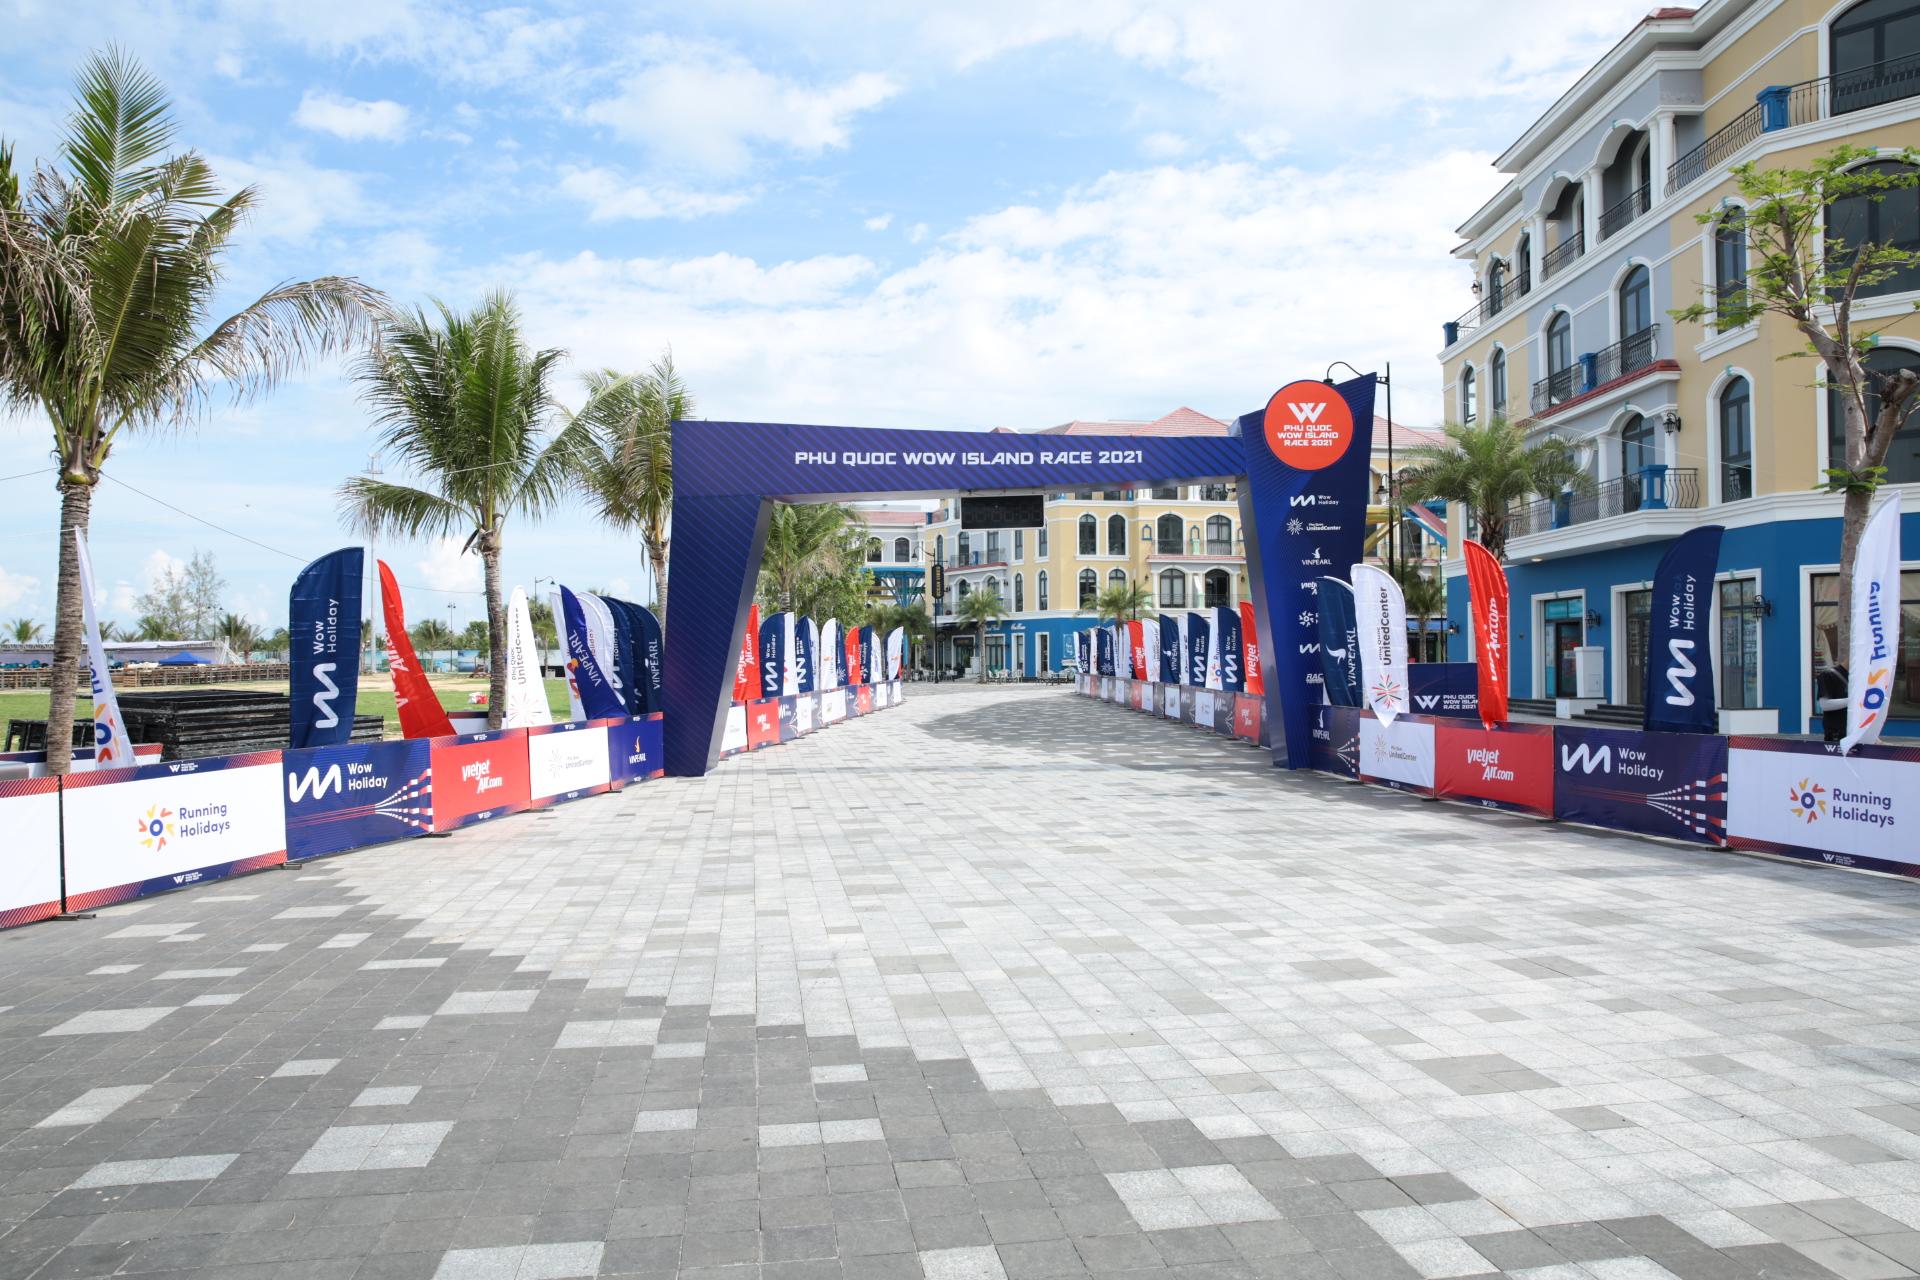 Giải chạy Phú Quốc WOW Island Race 2021 khởi động với hơn 2000 vận động viên tham dự - Ảnh 3.